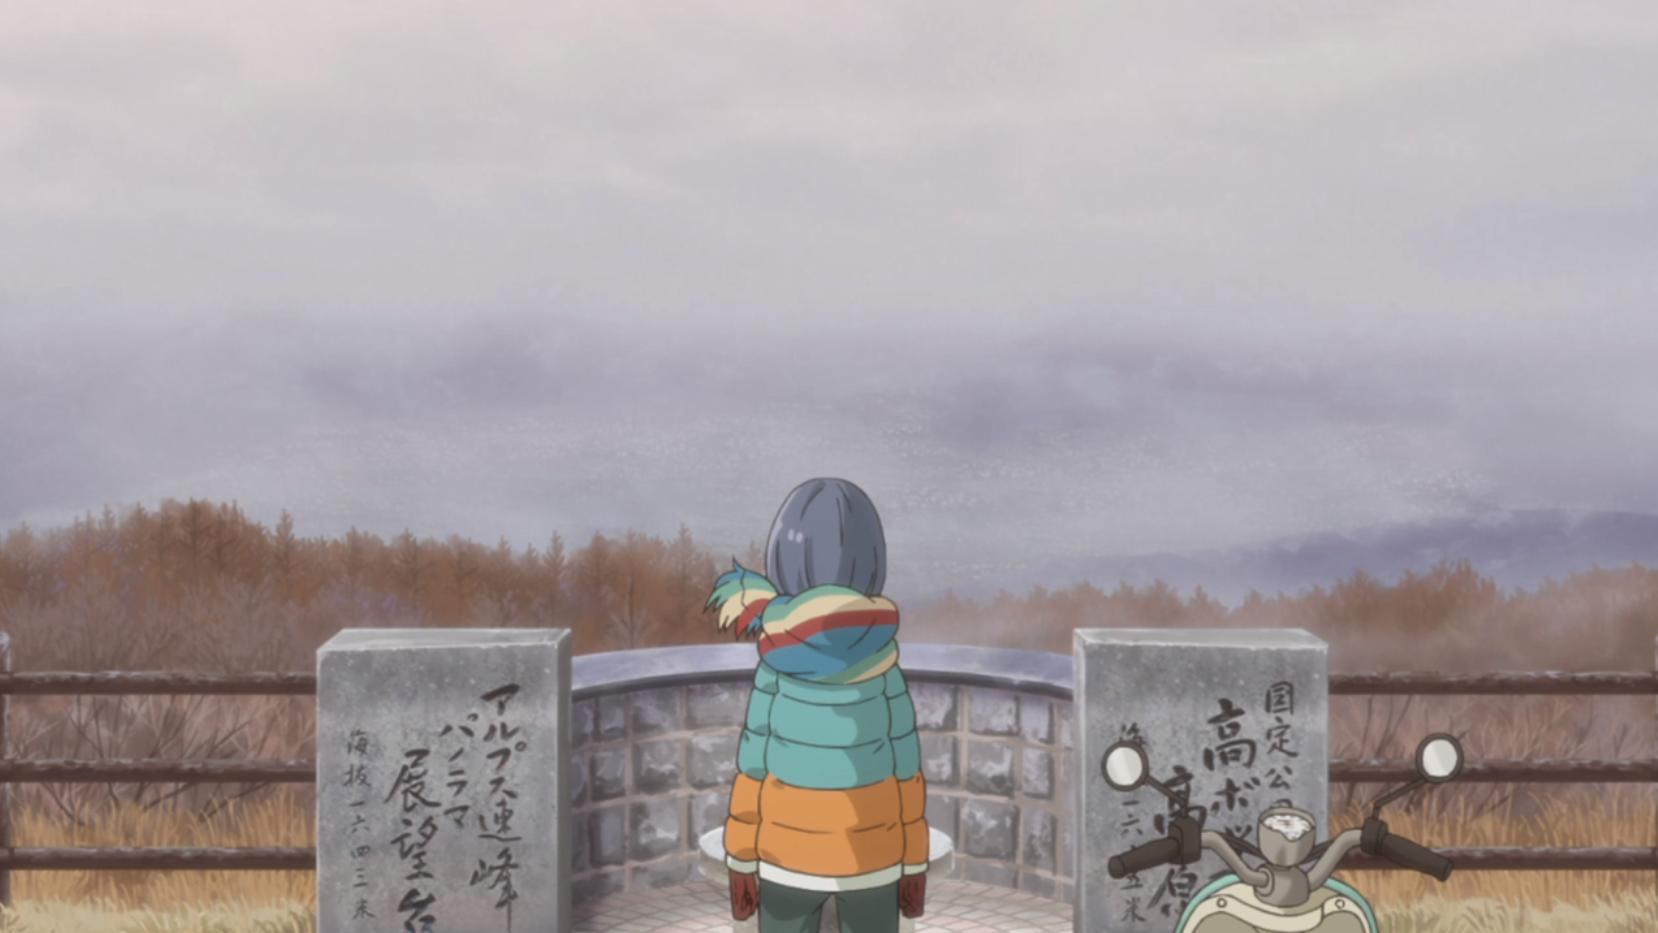 ニメ『ゆるキャン△』5話の高ボッチ高原からの松本市側の景色